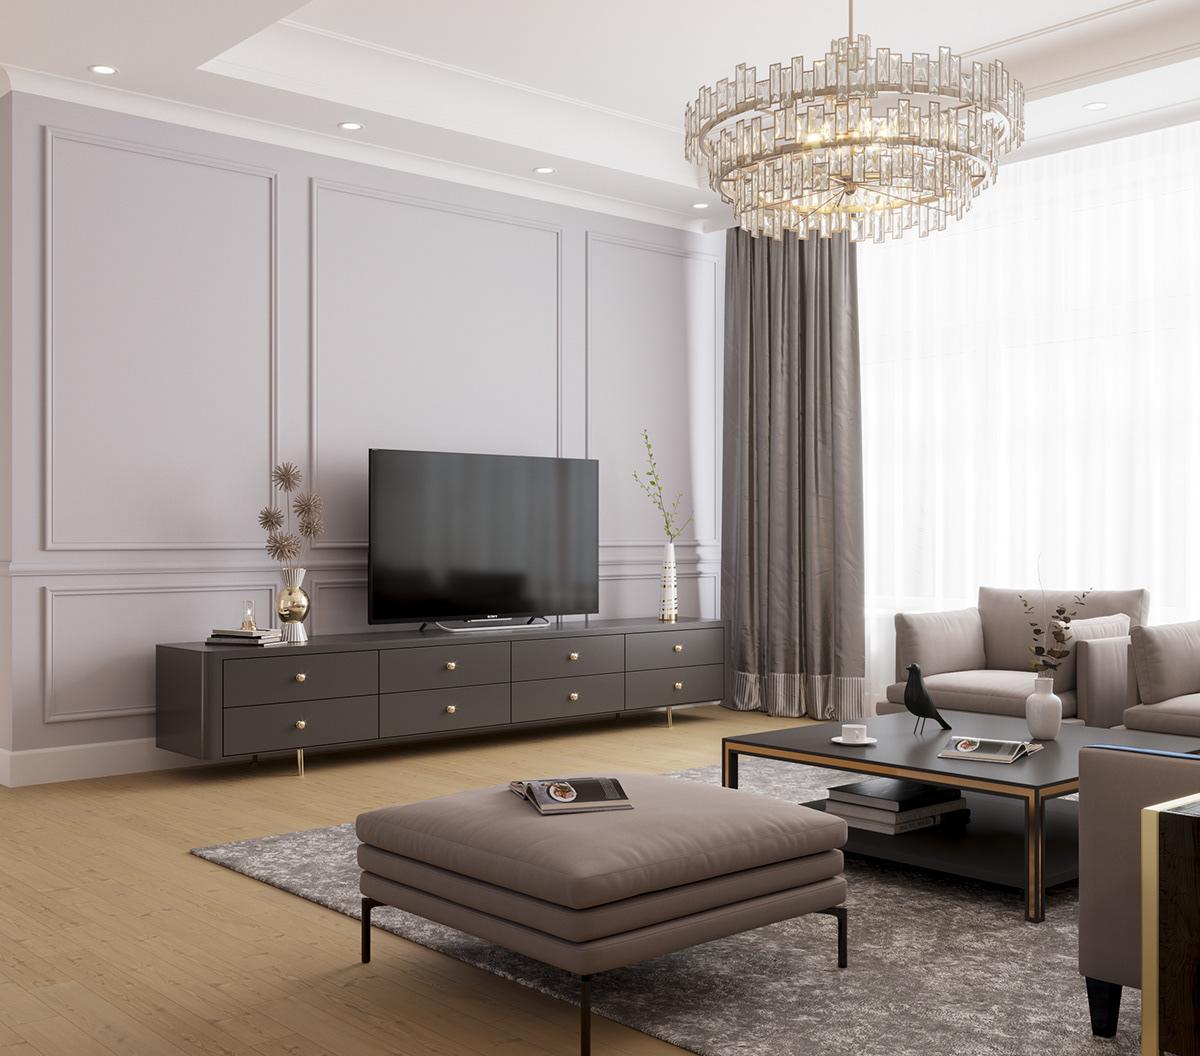 Arredamento classico contemporaneo guida allo stile pi for Arredamento moderno elegante